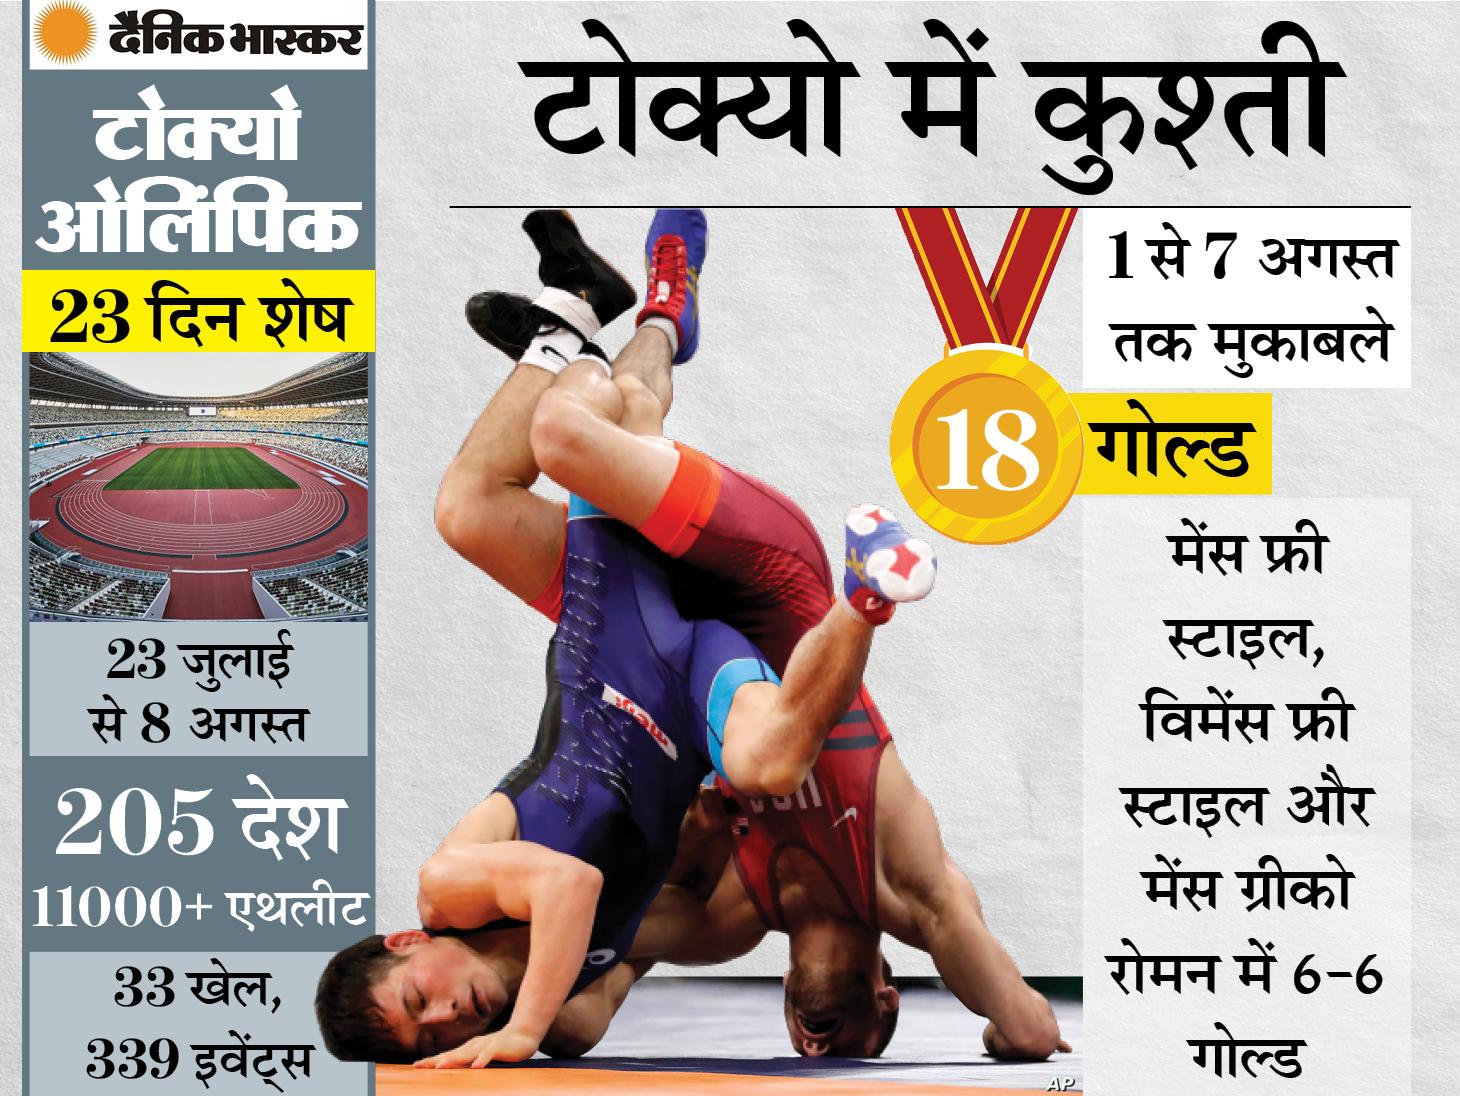 अब तक हुए 28 में से 27 ओलिंपिक गेम्स का हिस्सा रहा है यह खेल, इस बार भारत के 8 पहलवानों ने हासिल किया कोटा|स्पोर्ट्स,Sports - Dainik Bhaskar